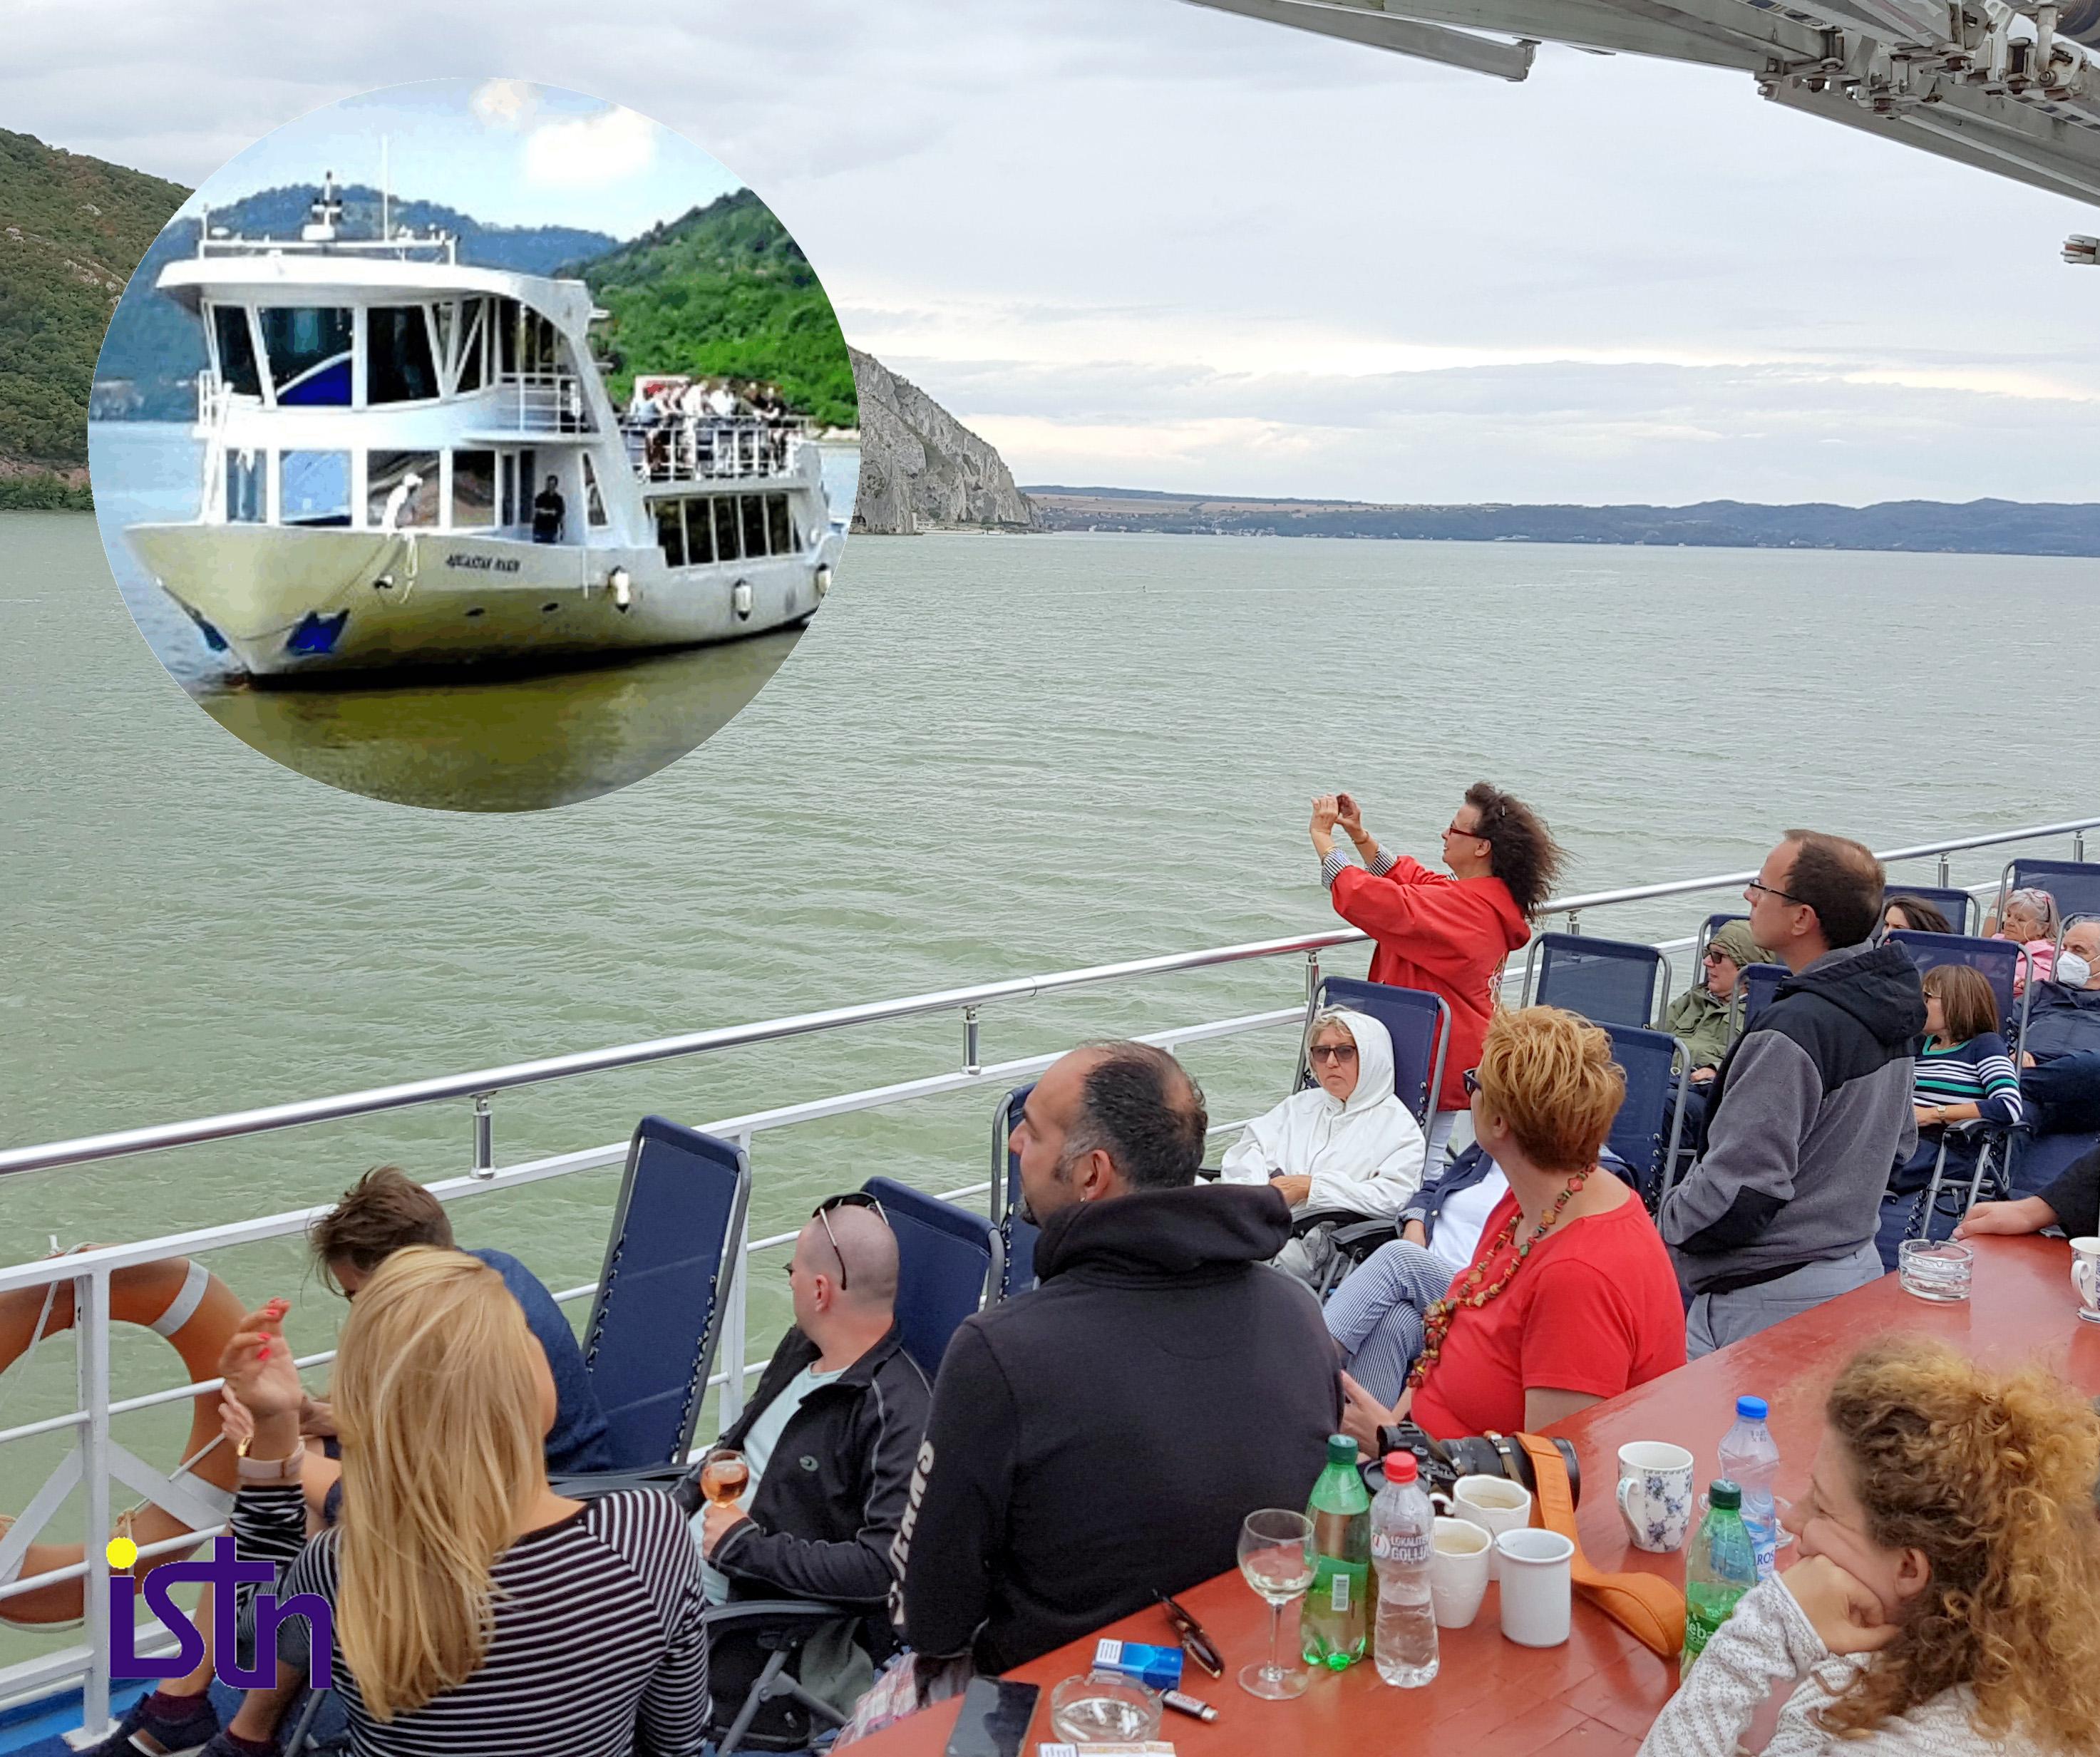 Plovidba Dunavom kroz istoriju, Golubacka tvrdjava, ISTN